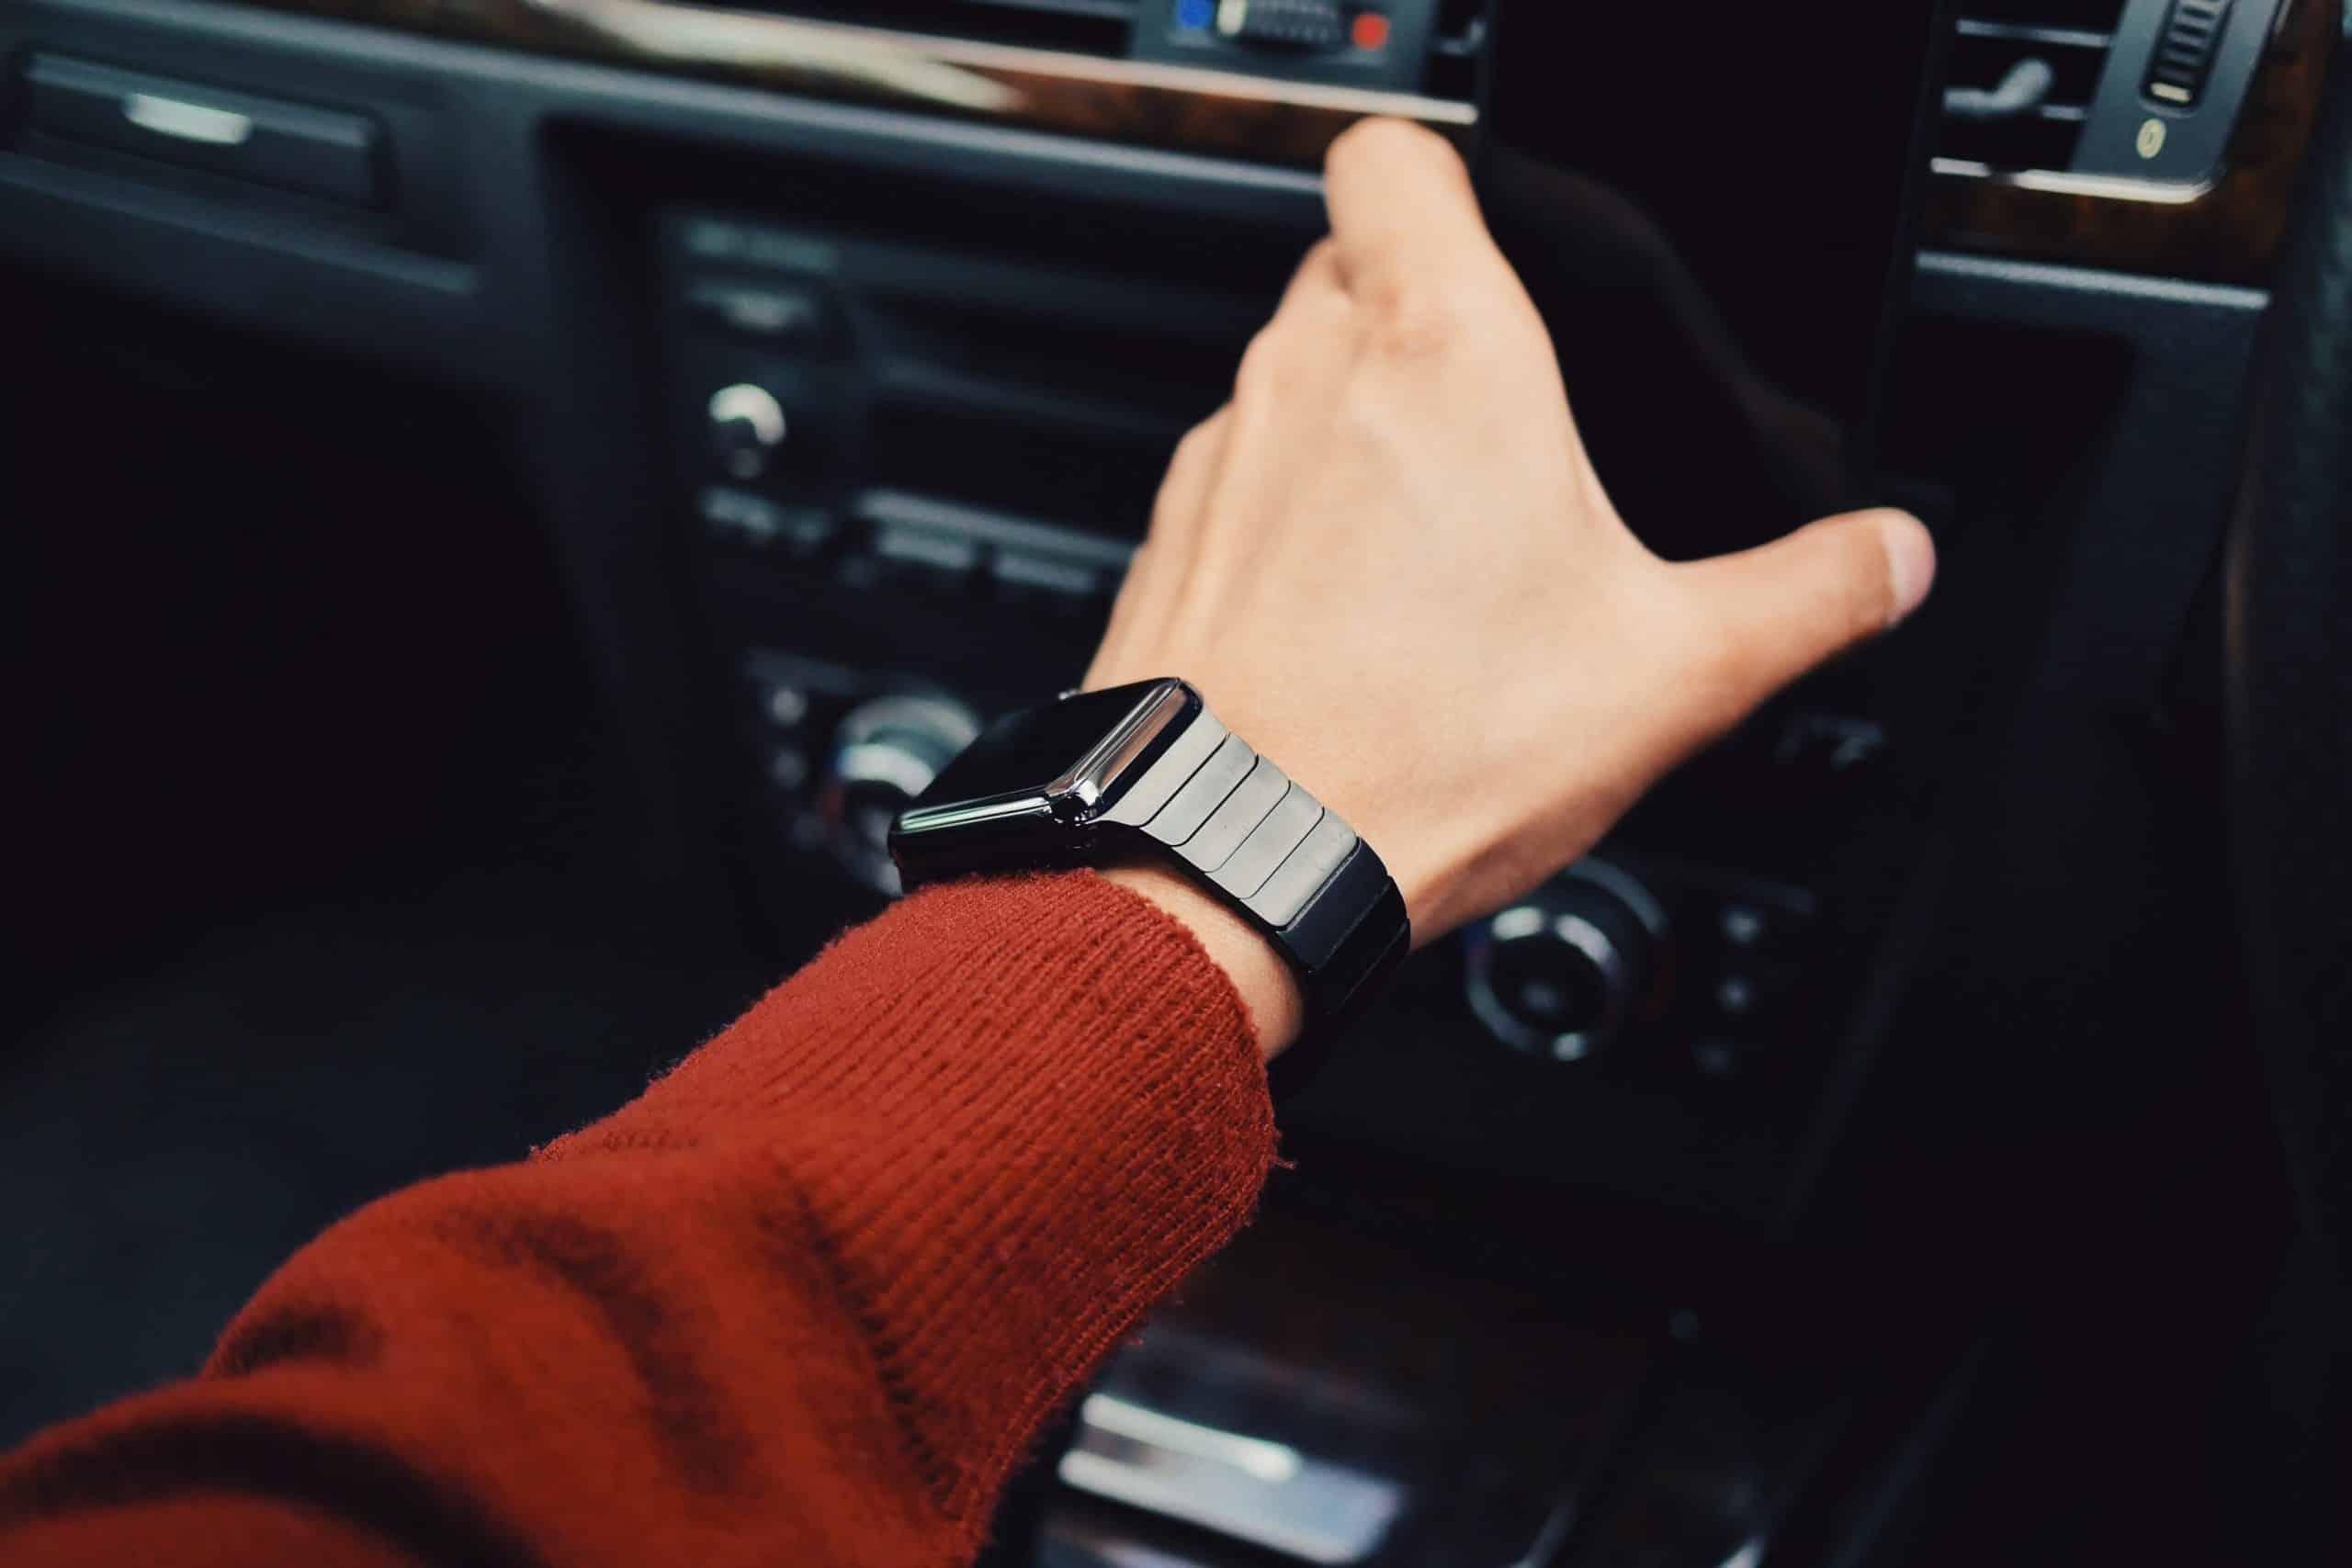 jongen die een smartwatch gebruikt